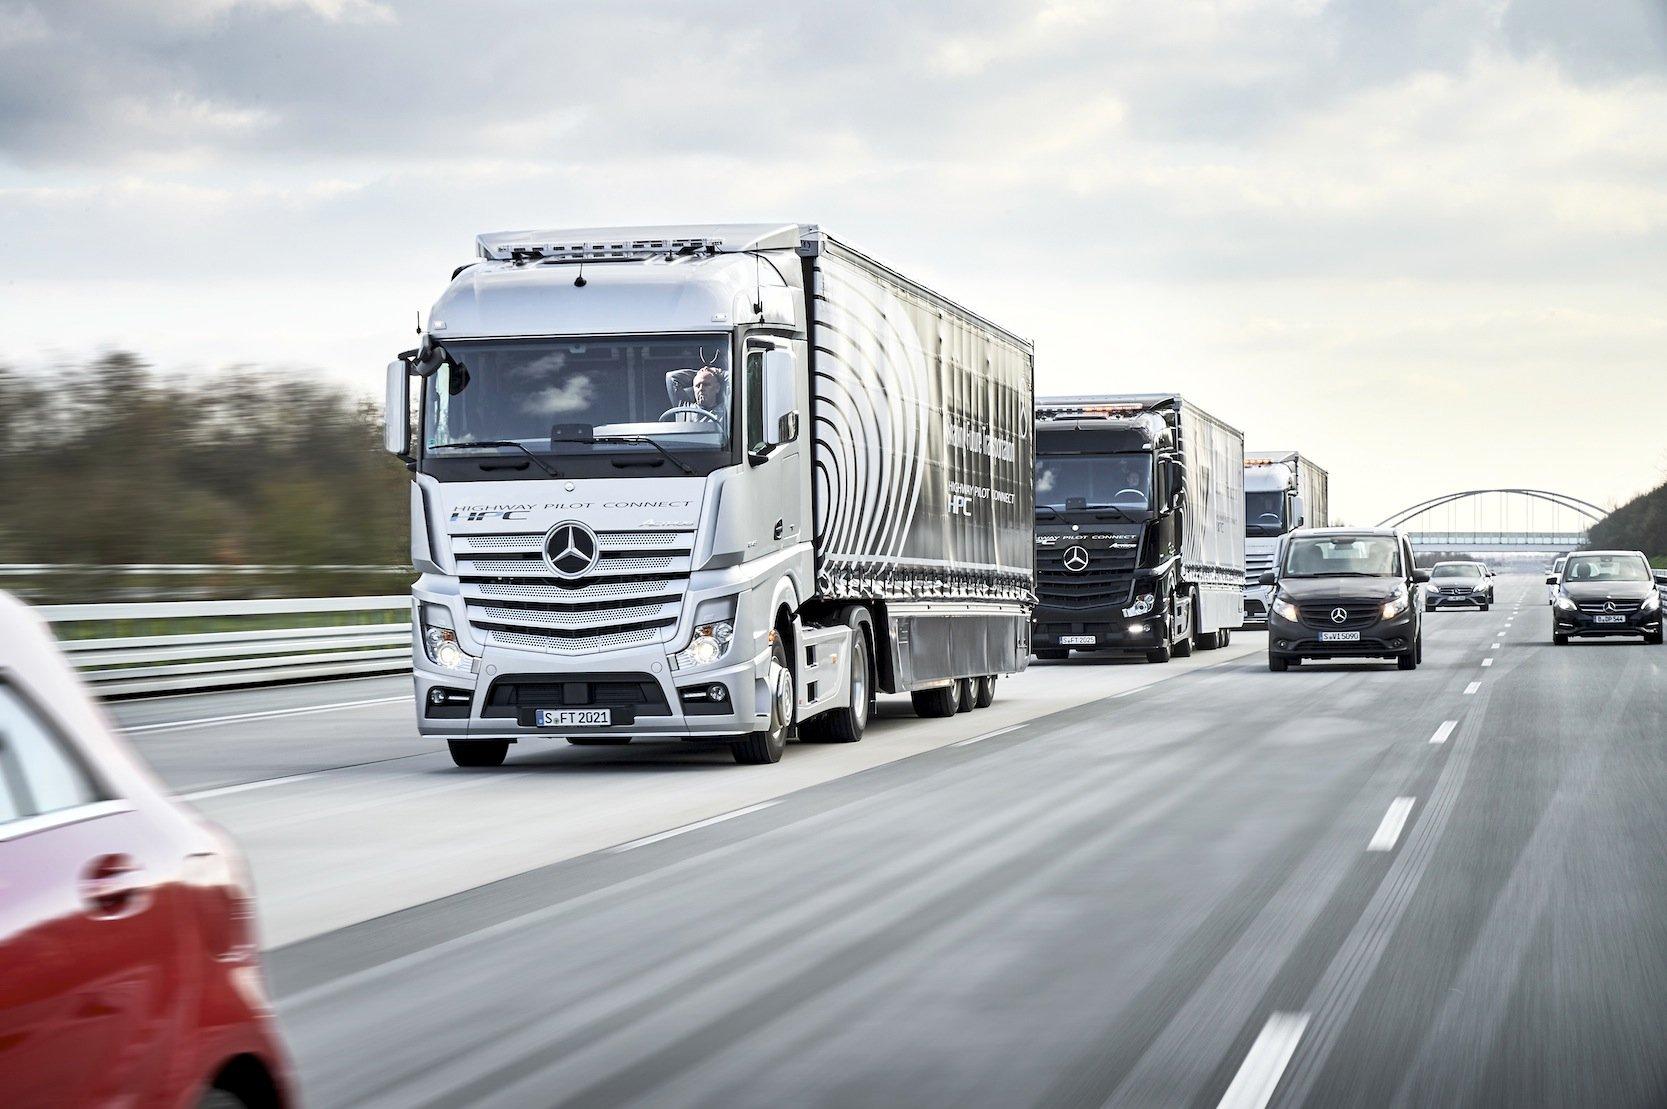 Daimler-Trucks im Platooning-Konvoi: Von dem Konvoi-Fahren mit geringen Abständen erhoffen sich Politik und Logistikbranche weniger Staus und eine bessere Auslastung der Autobahnen.